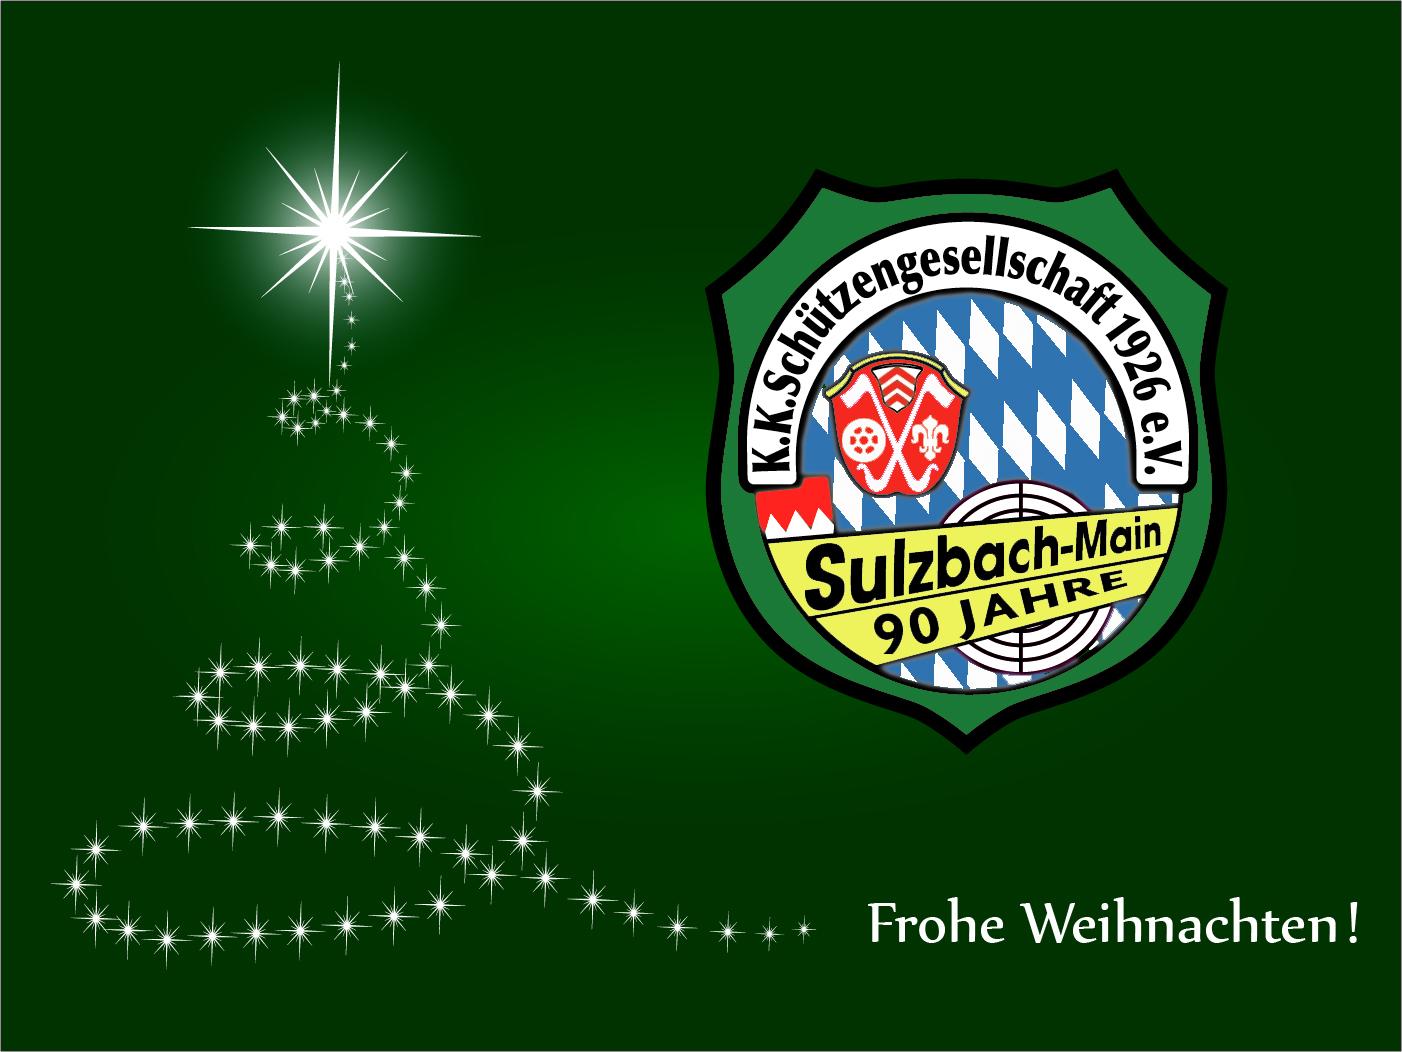 Besinnliche Bilder Weihnachten.Fröhliche Und Besinnliche Weihnachten Kksg Sulzbach 1926 E V